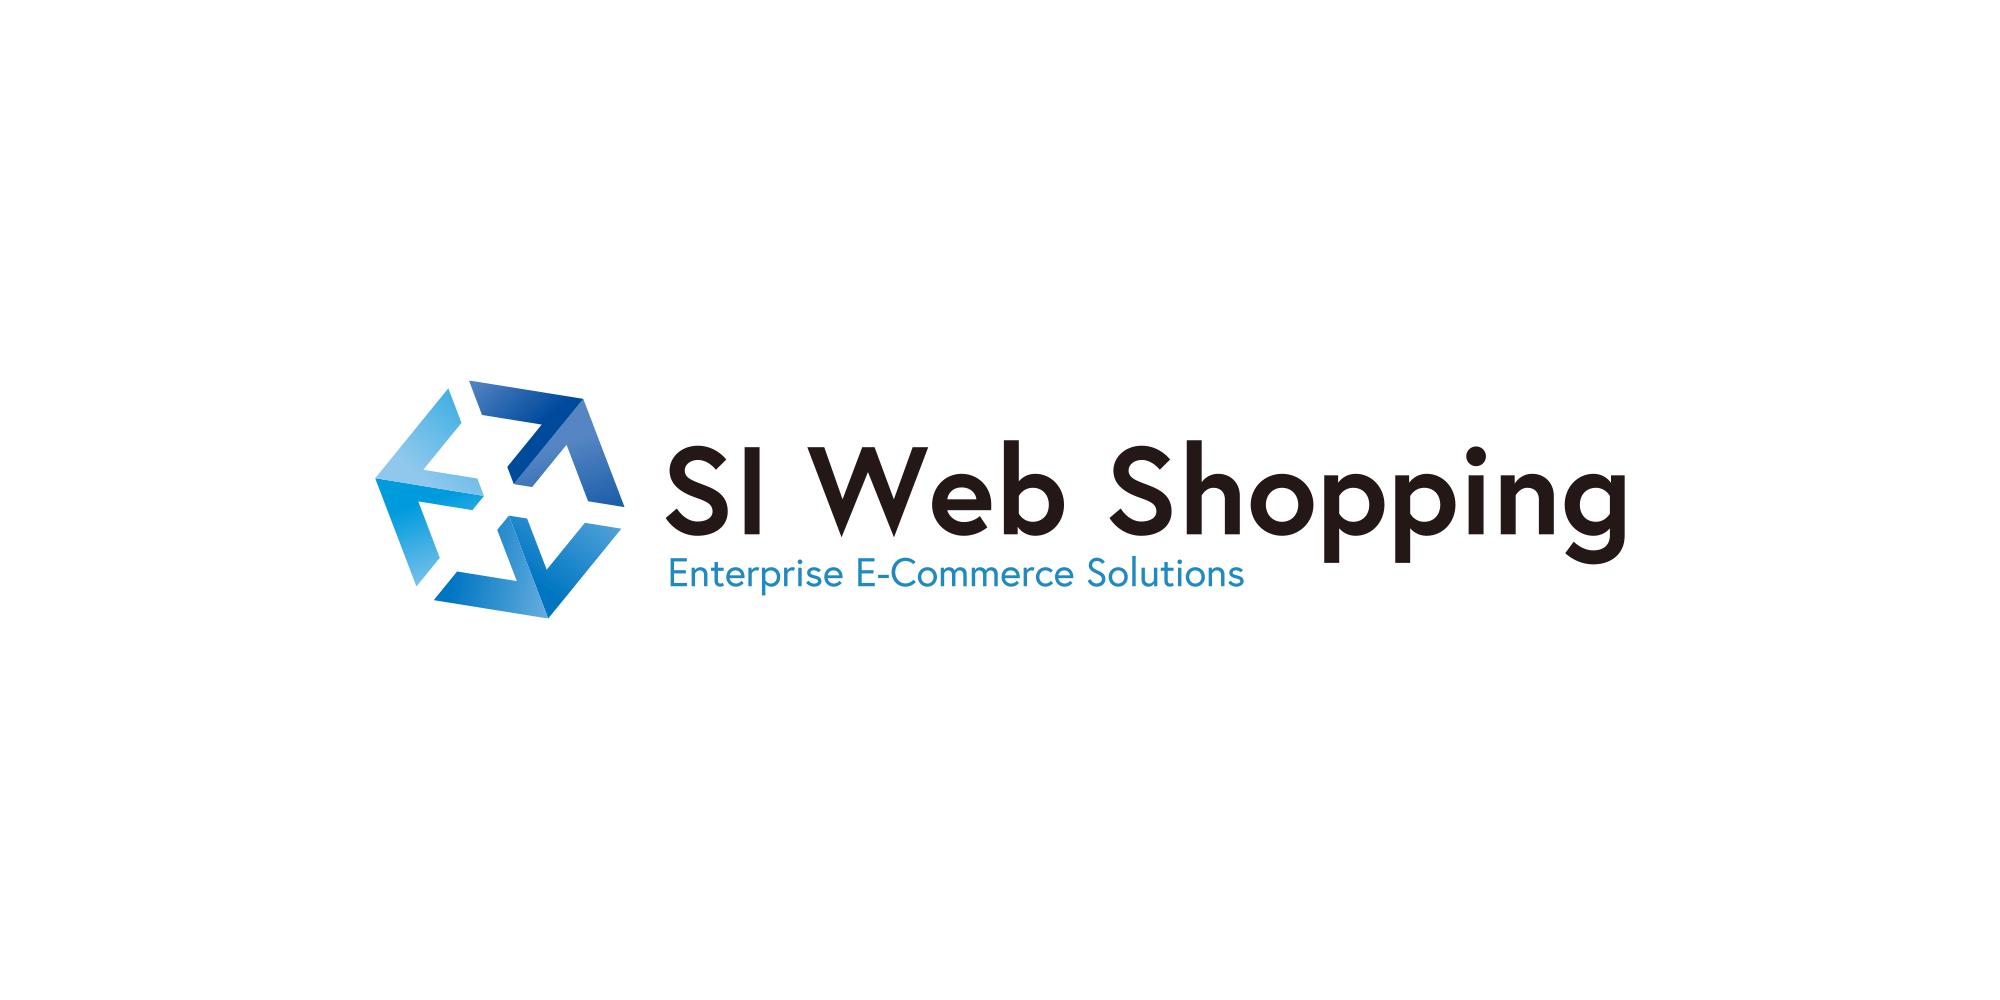 「PostgreSQLバージョン12」に対応 ECサイト構築パッケージ「SI Web Shopping V12.10」をリリース